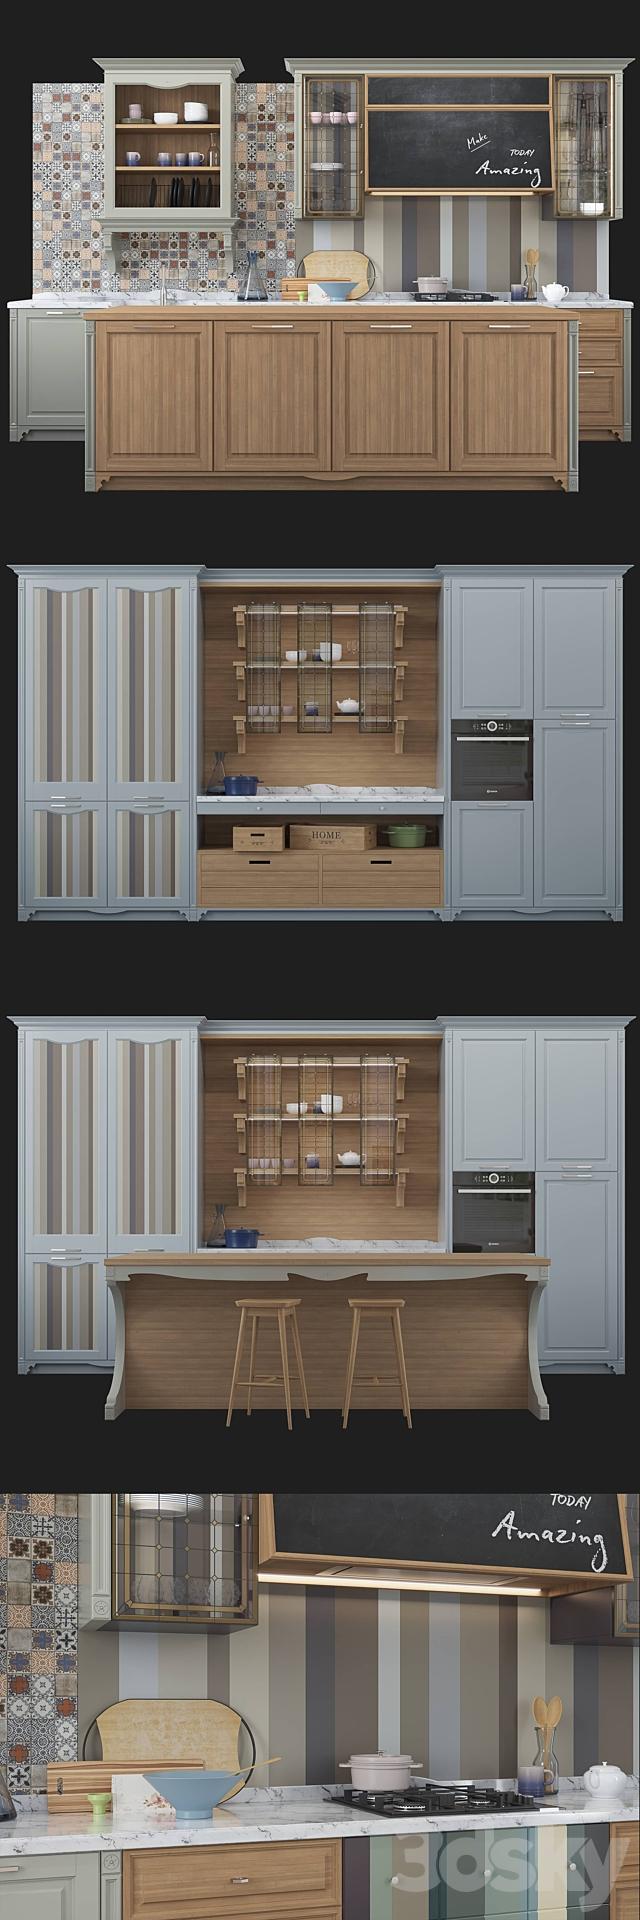 Kitchen Aster Cucine Portrait